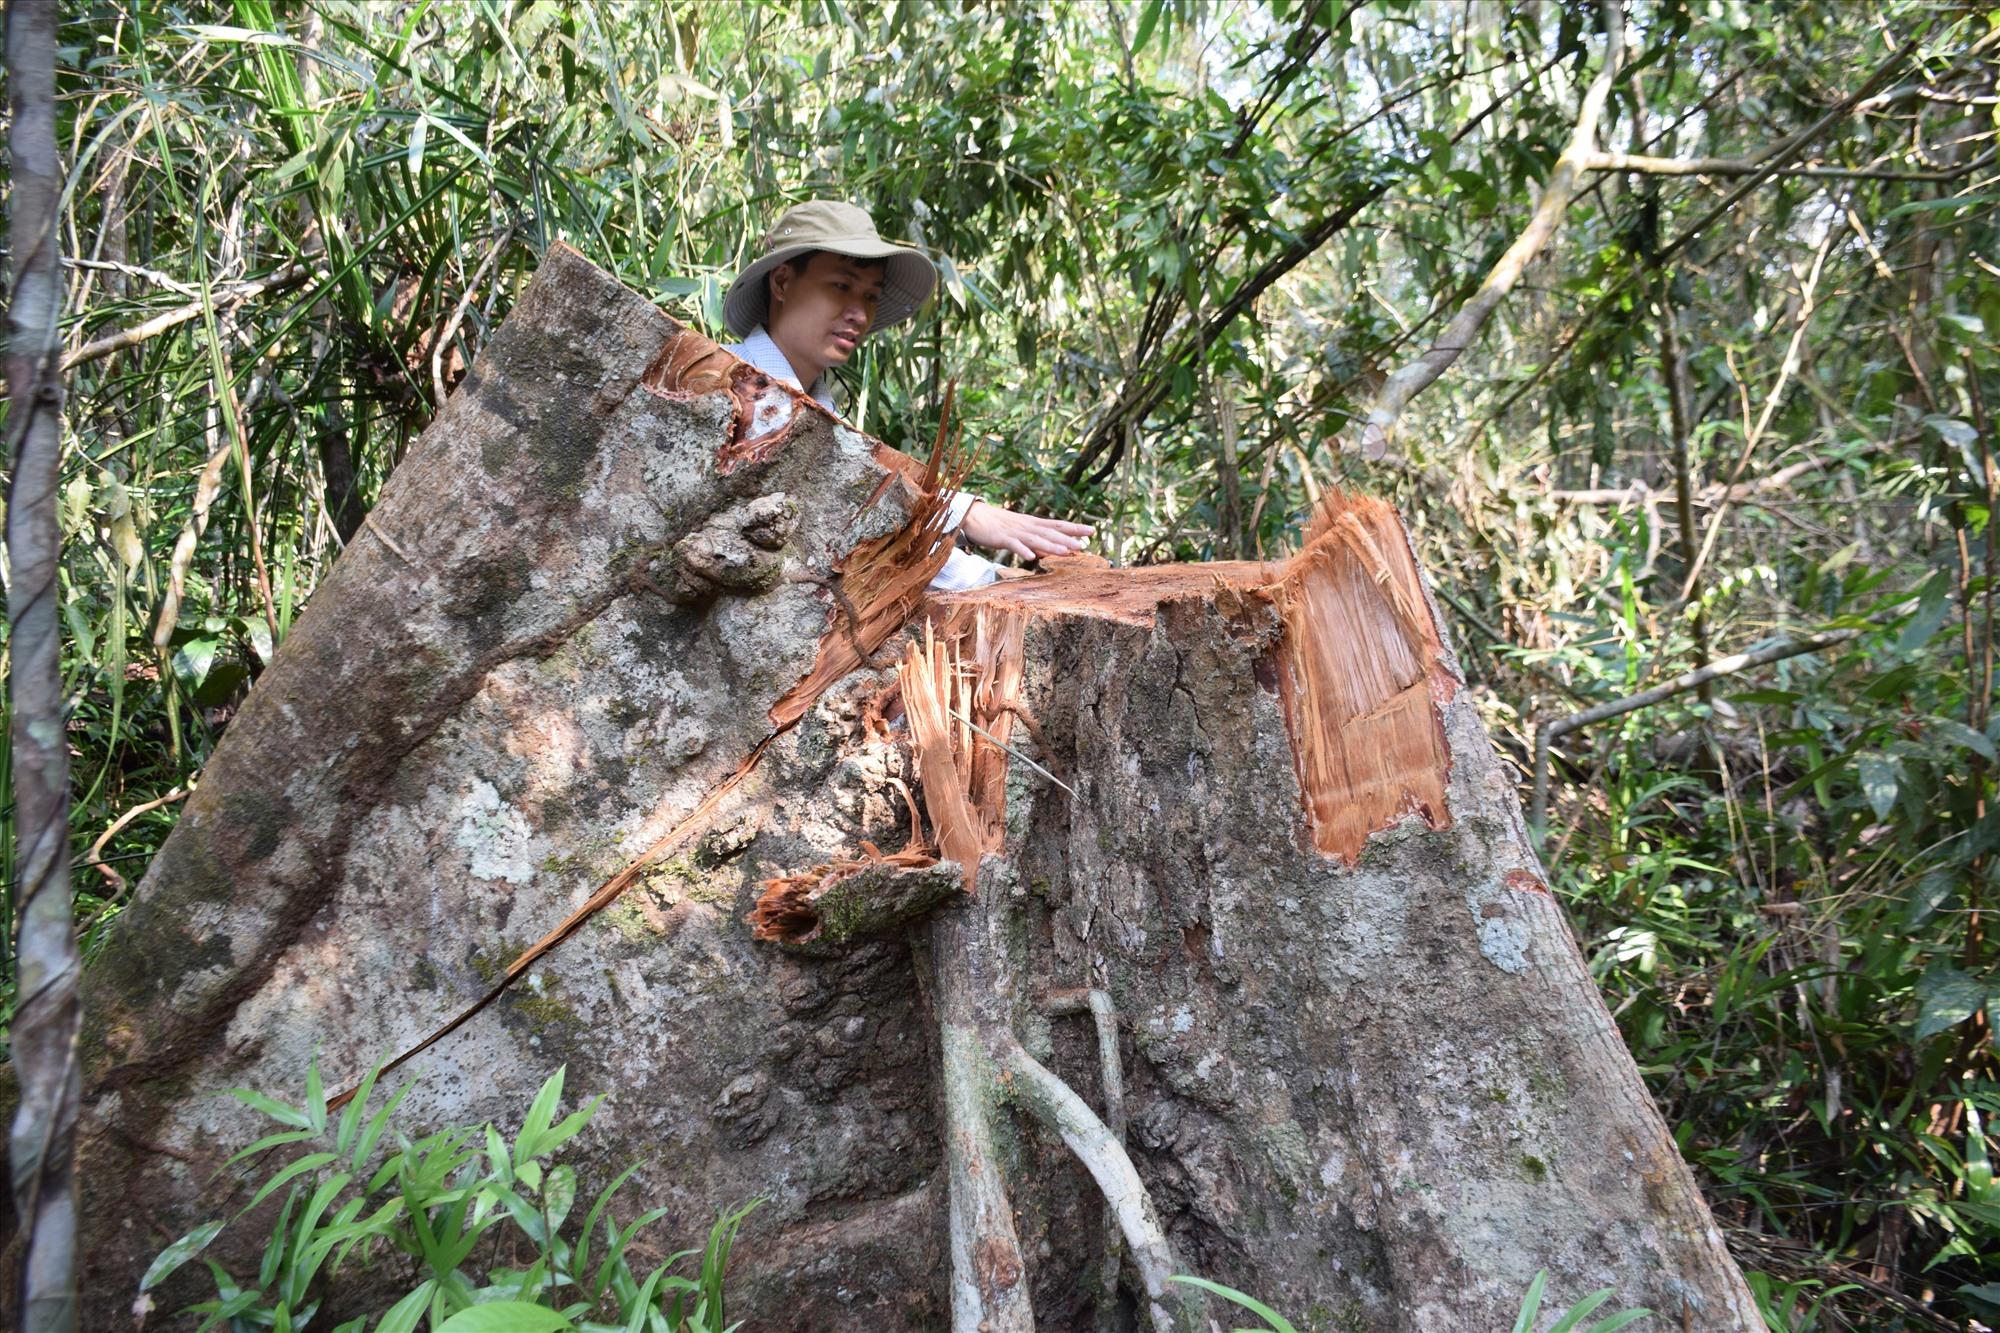 Một gốc gỗ có đường kính gần 1m bị cưa hạ không thương tiếc. Ảnh: THANH THẮNG